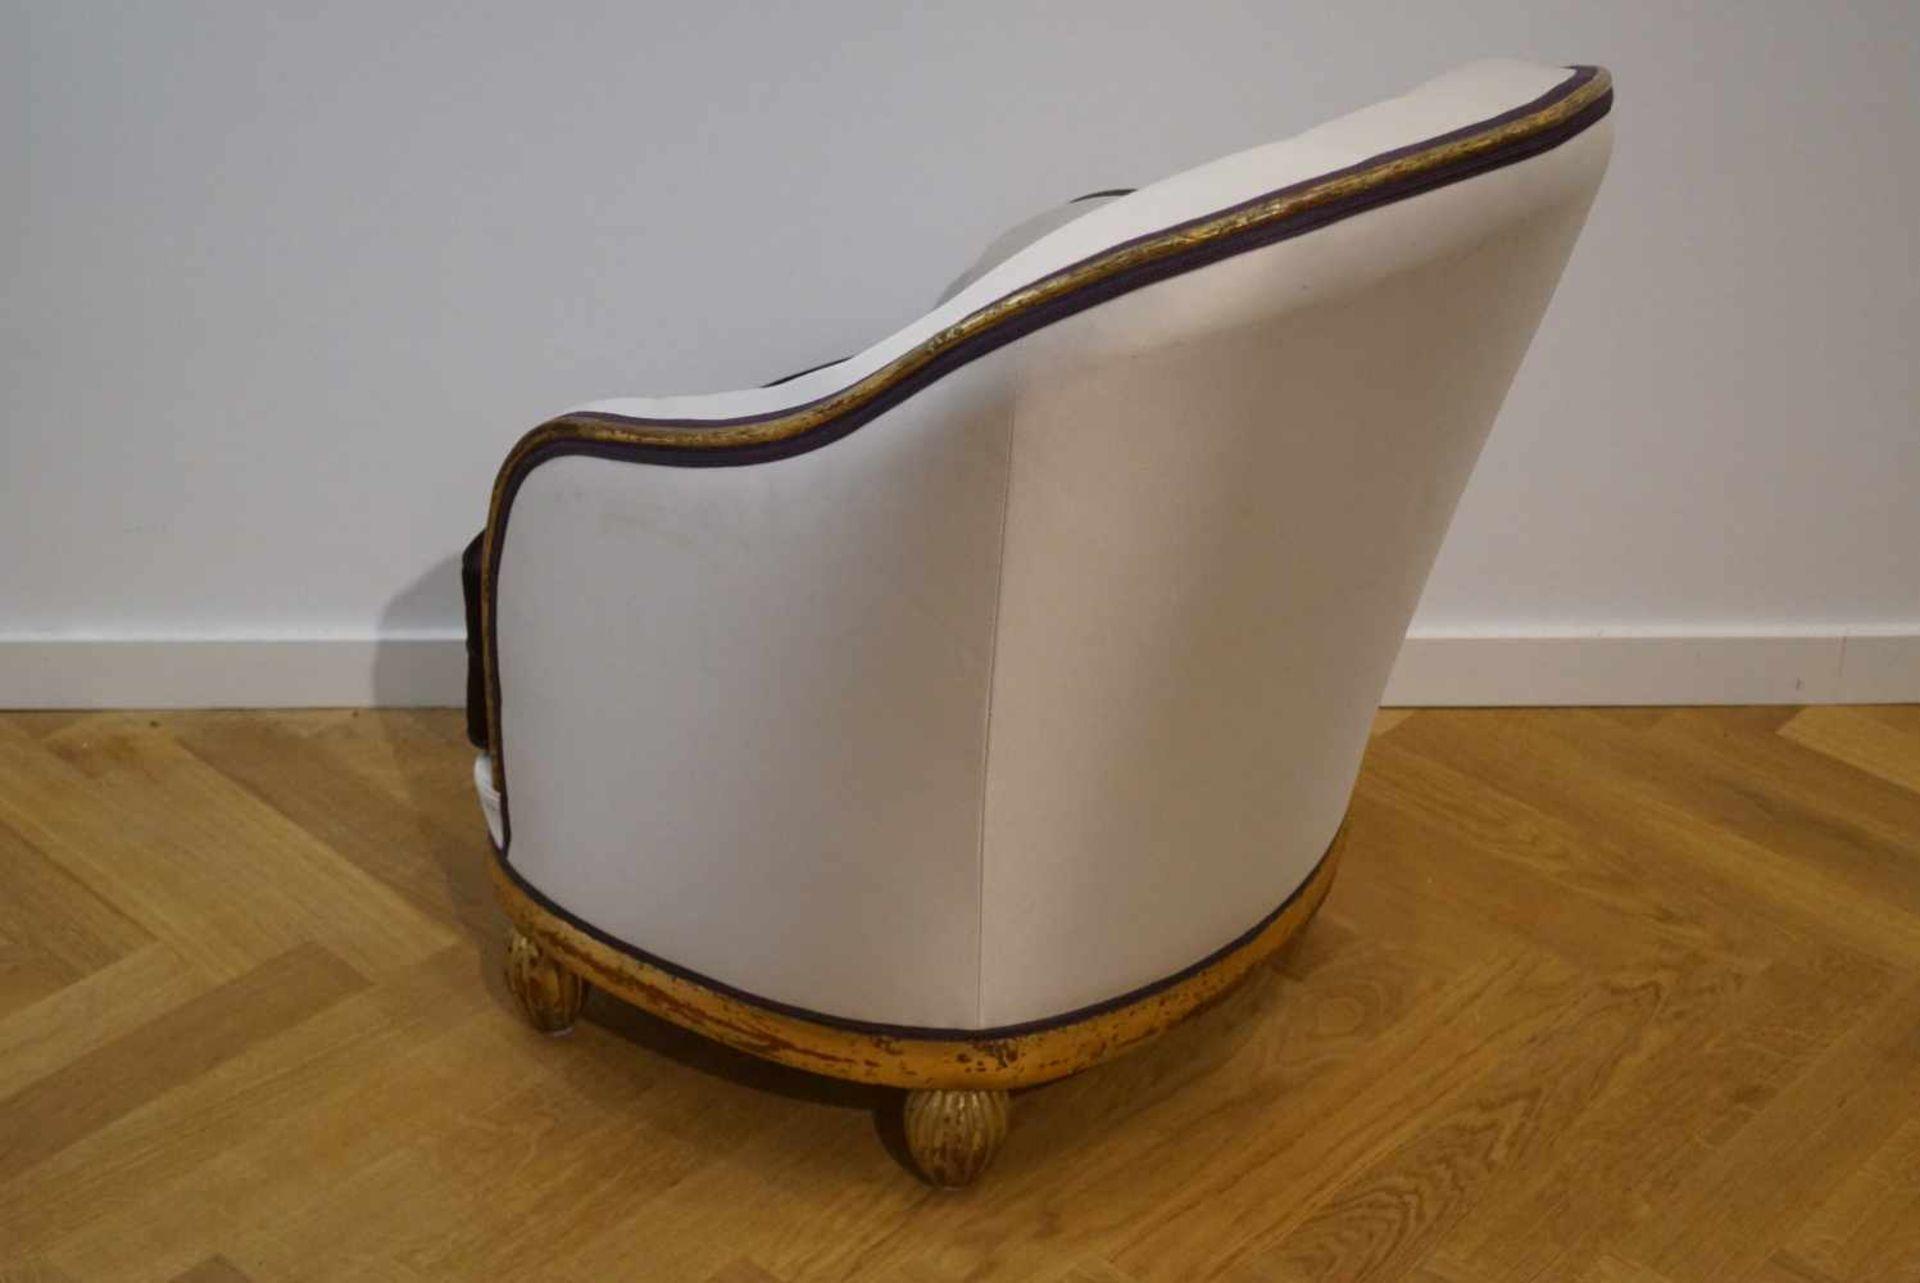 Bergère, Art-Deco20er Jahre, Höhe 84 cm x Breite 61 cm x Tiefe 78 cm, in einem guten Zustand - Bild 4 aus 4